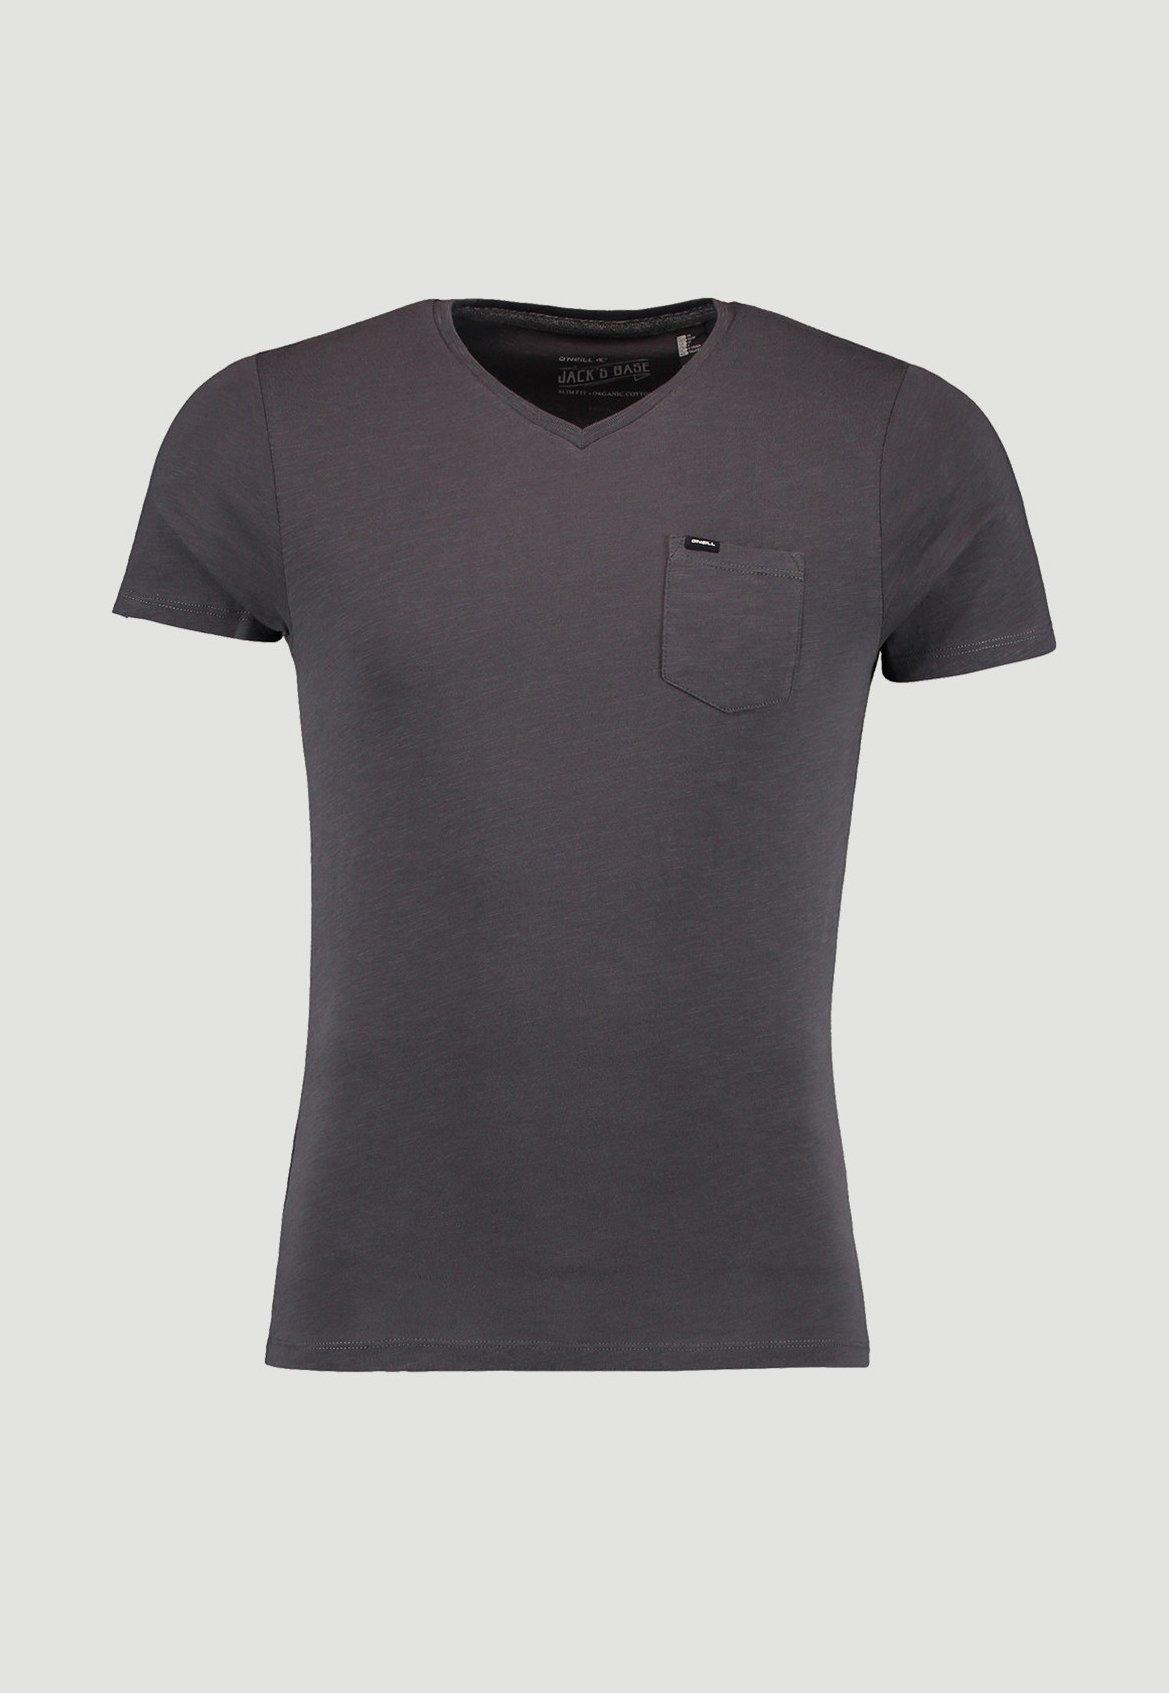 O'Neill T shirt imprimé blau ZALANDO.FR